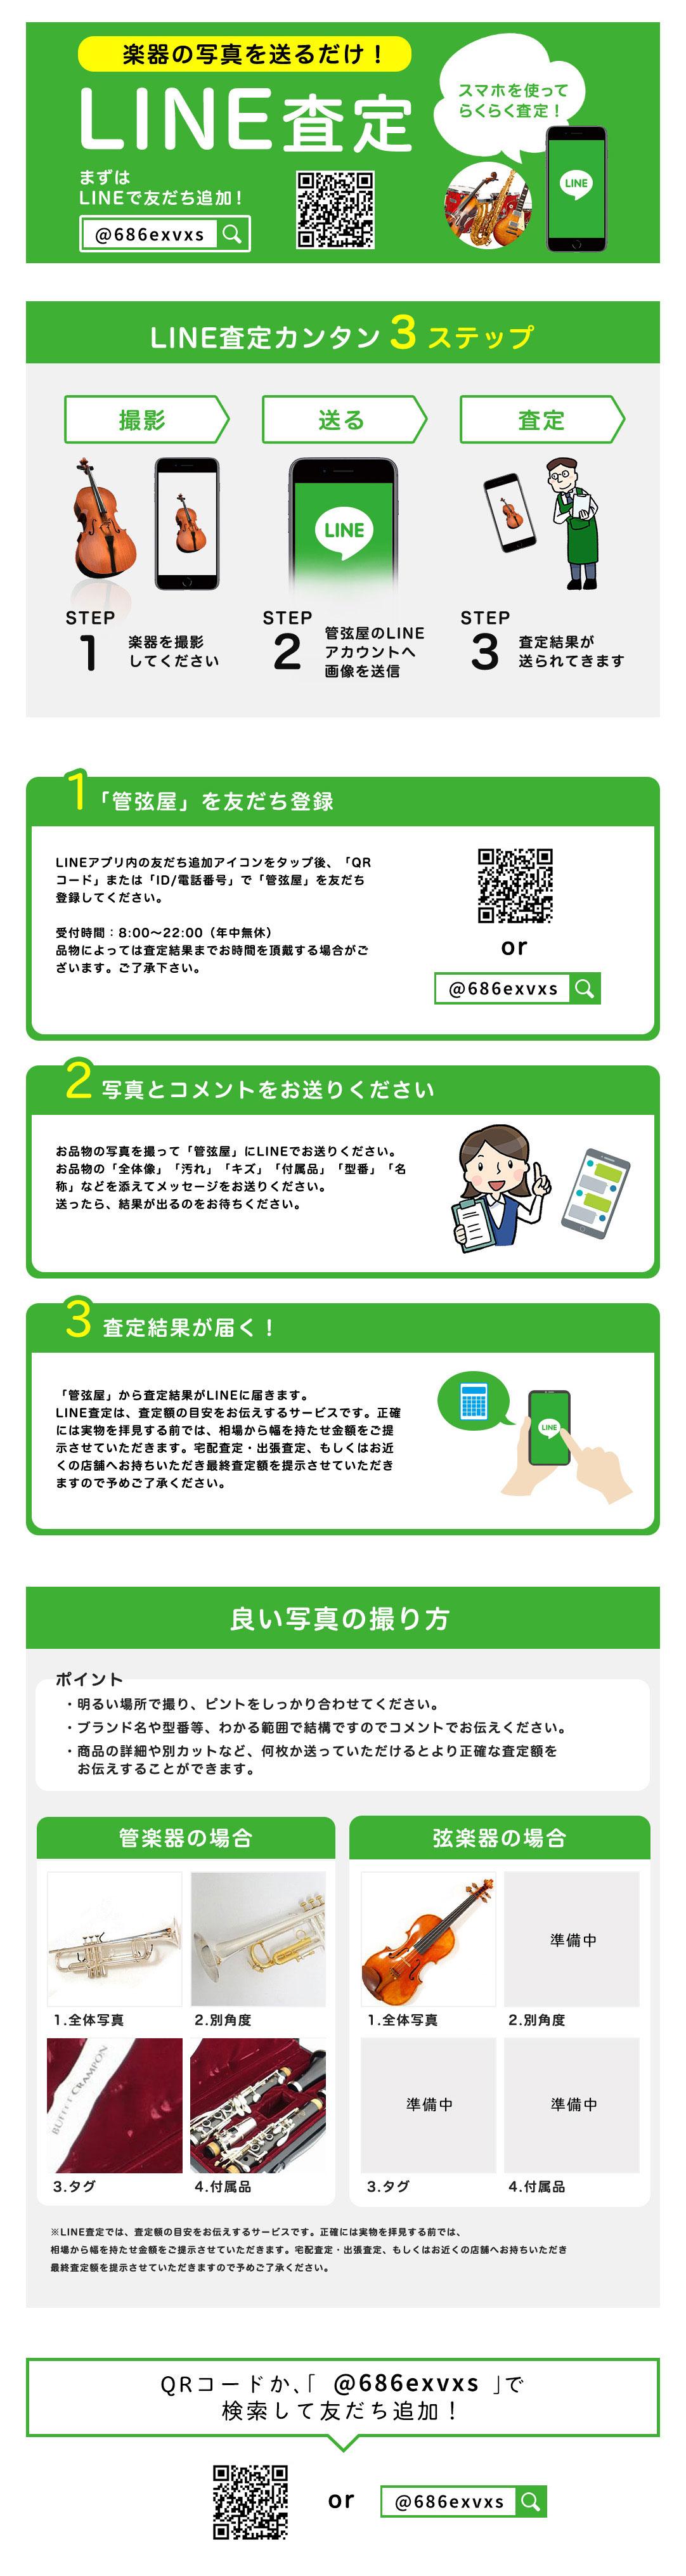 LINE査定ページ